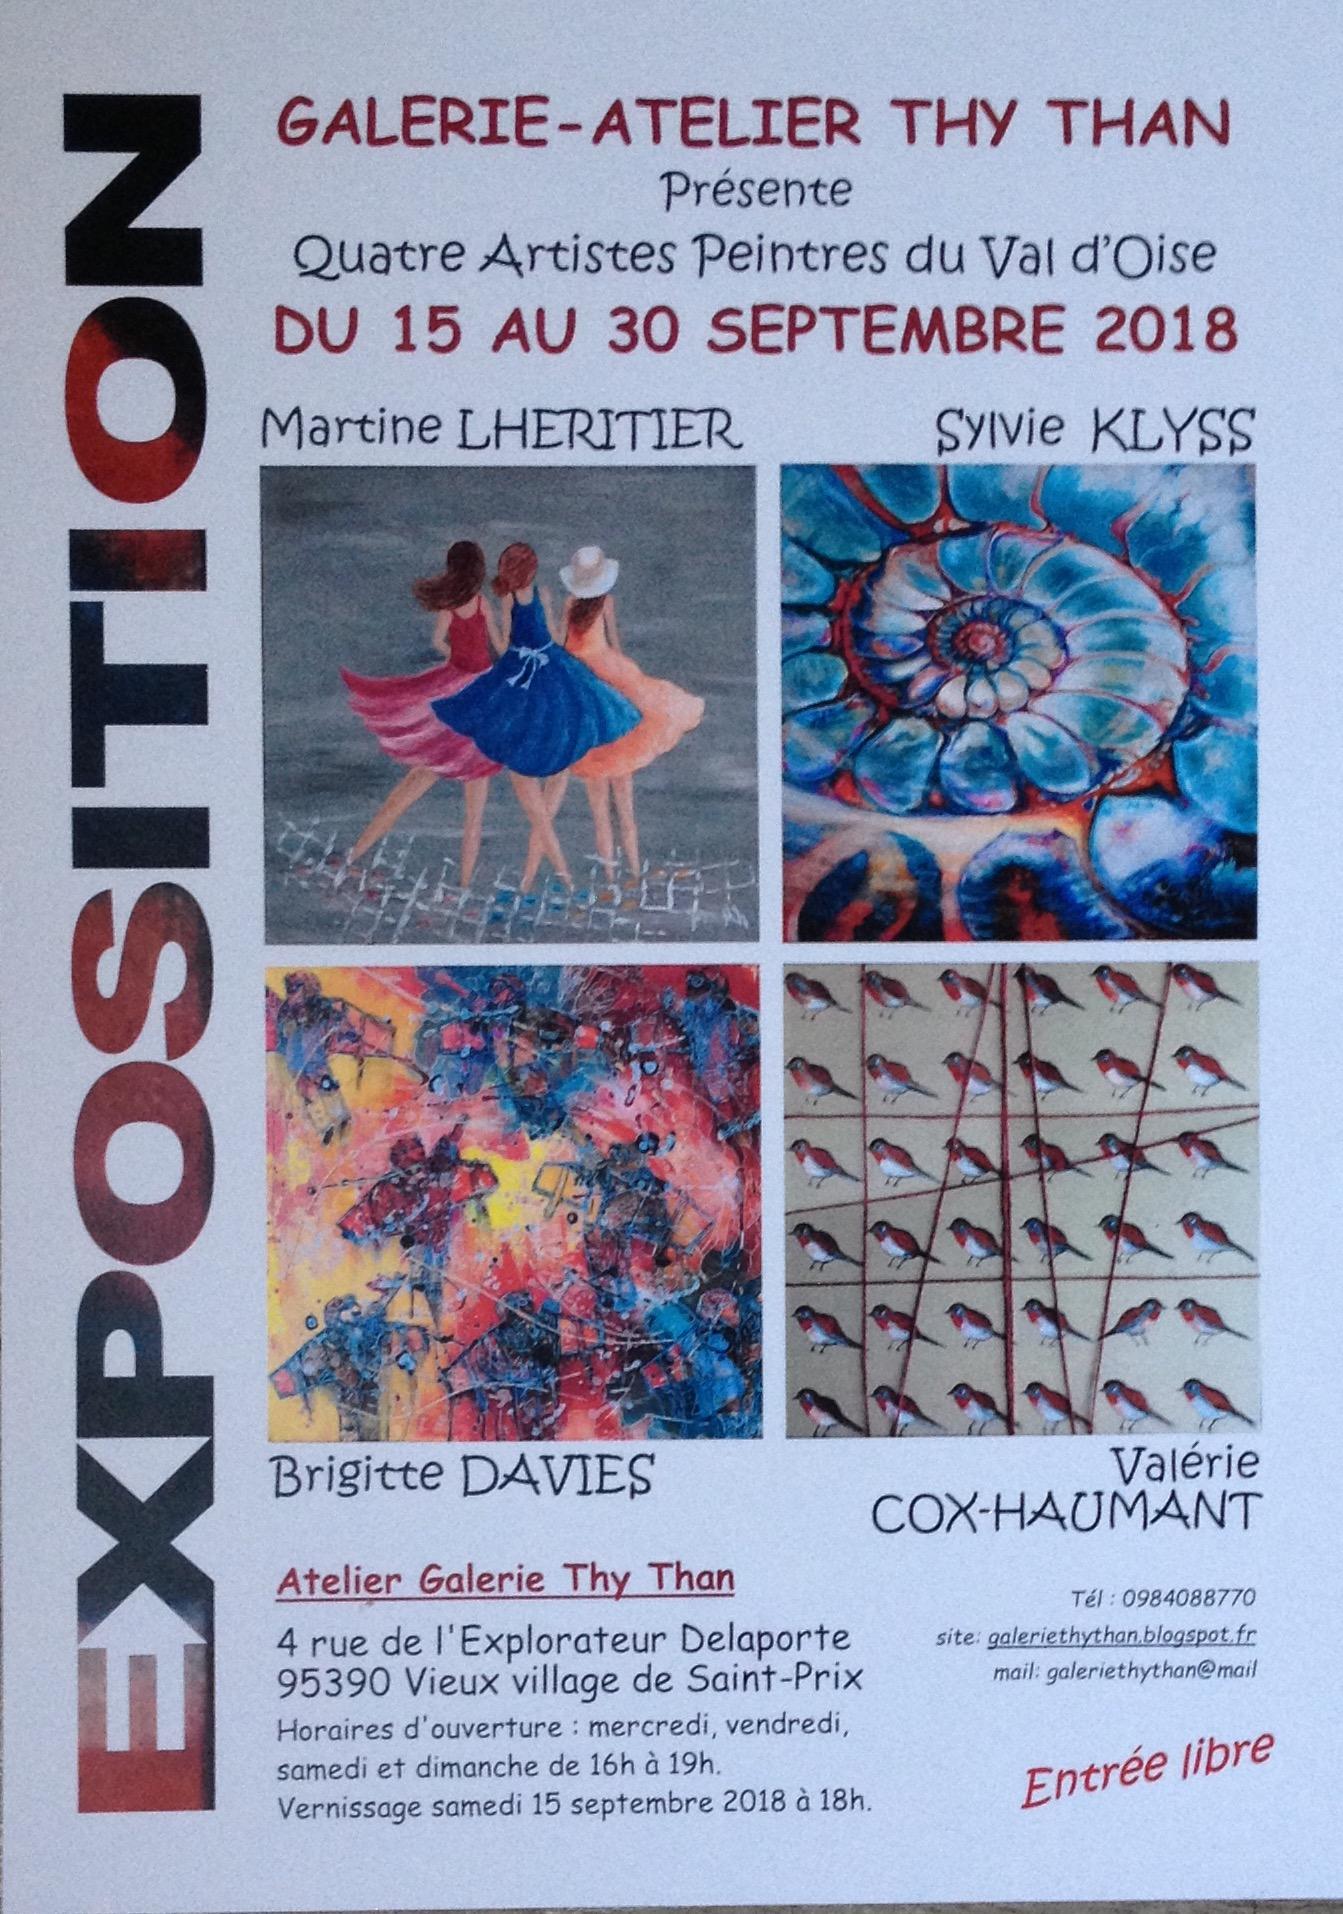 Expo à Saint-Prix du 15 au 30 septembre 2018